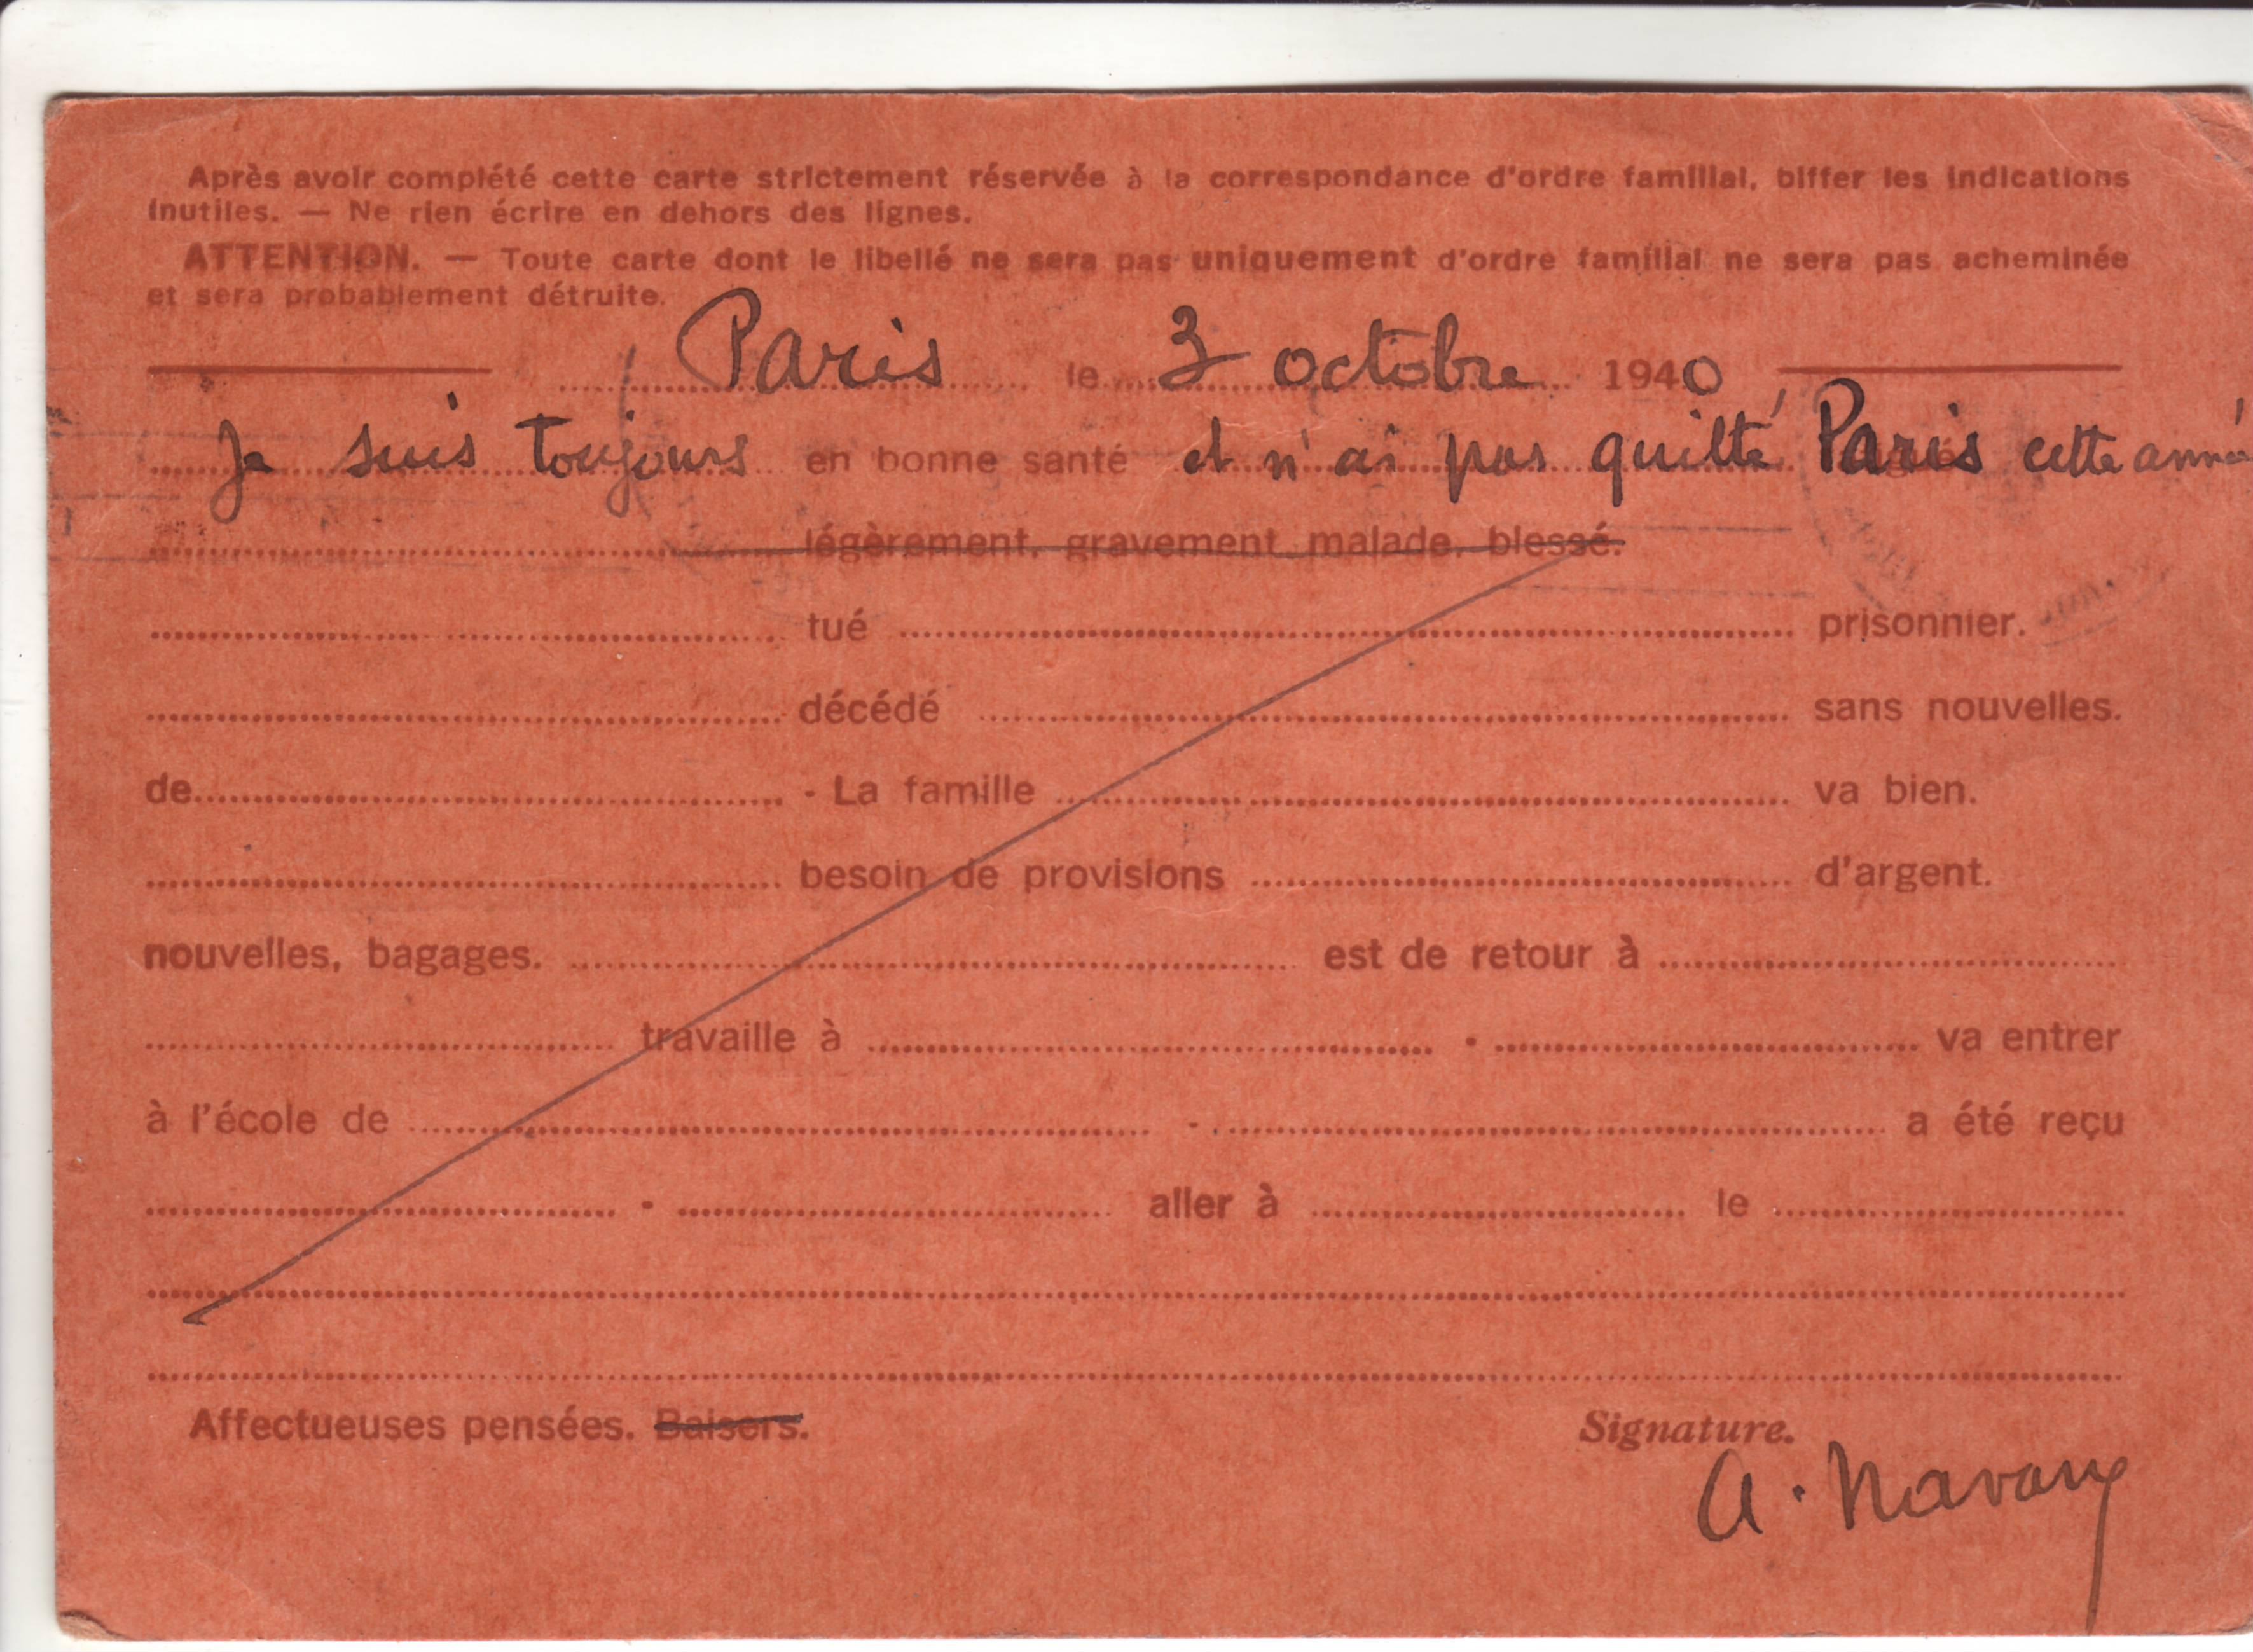 Carte Interzone de Paris 04.10.40 pour Draguignan avec censure de Francfort/Main ! A_0110